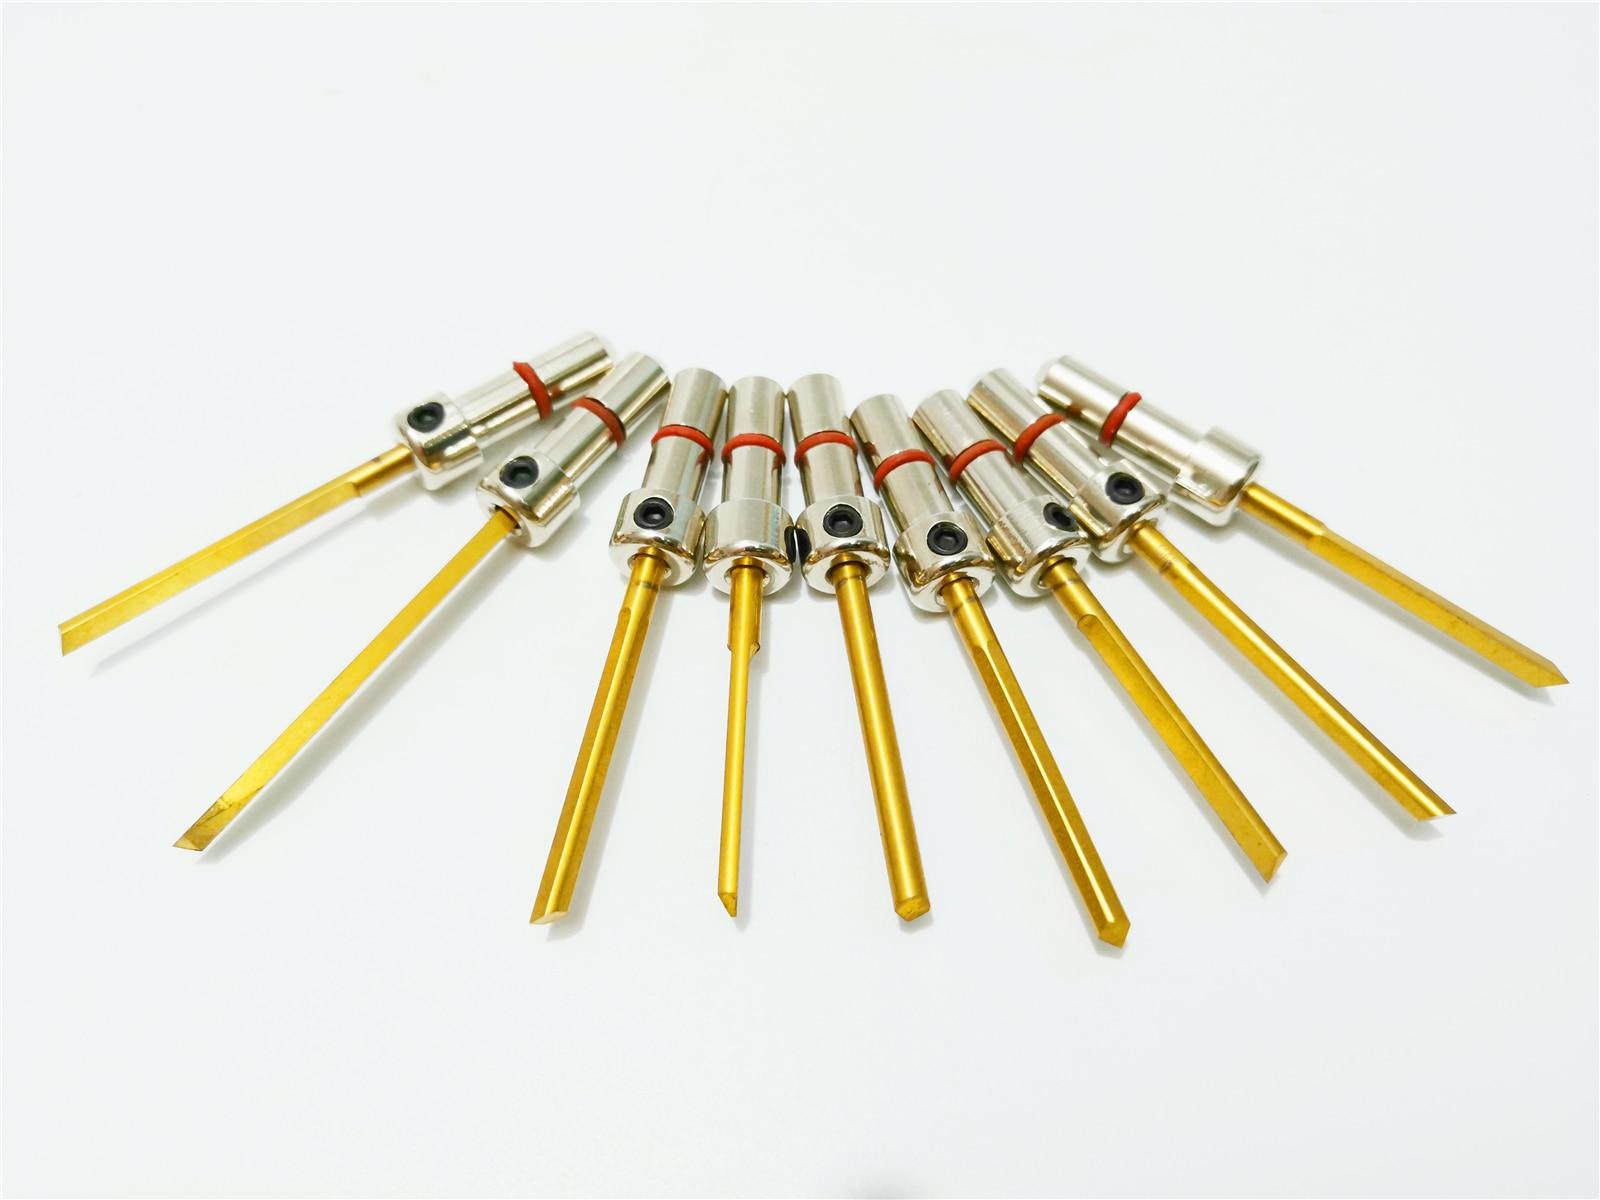 Gravure couteau bijoutiers HS Graver gravure max graviers G8 pneumatique sculpture couteau bijoux graveur outils - 3